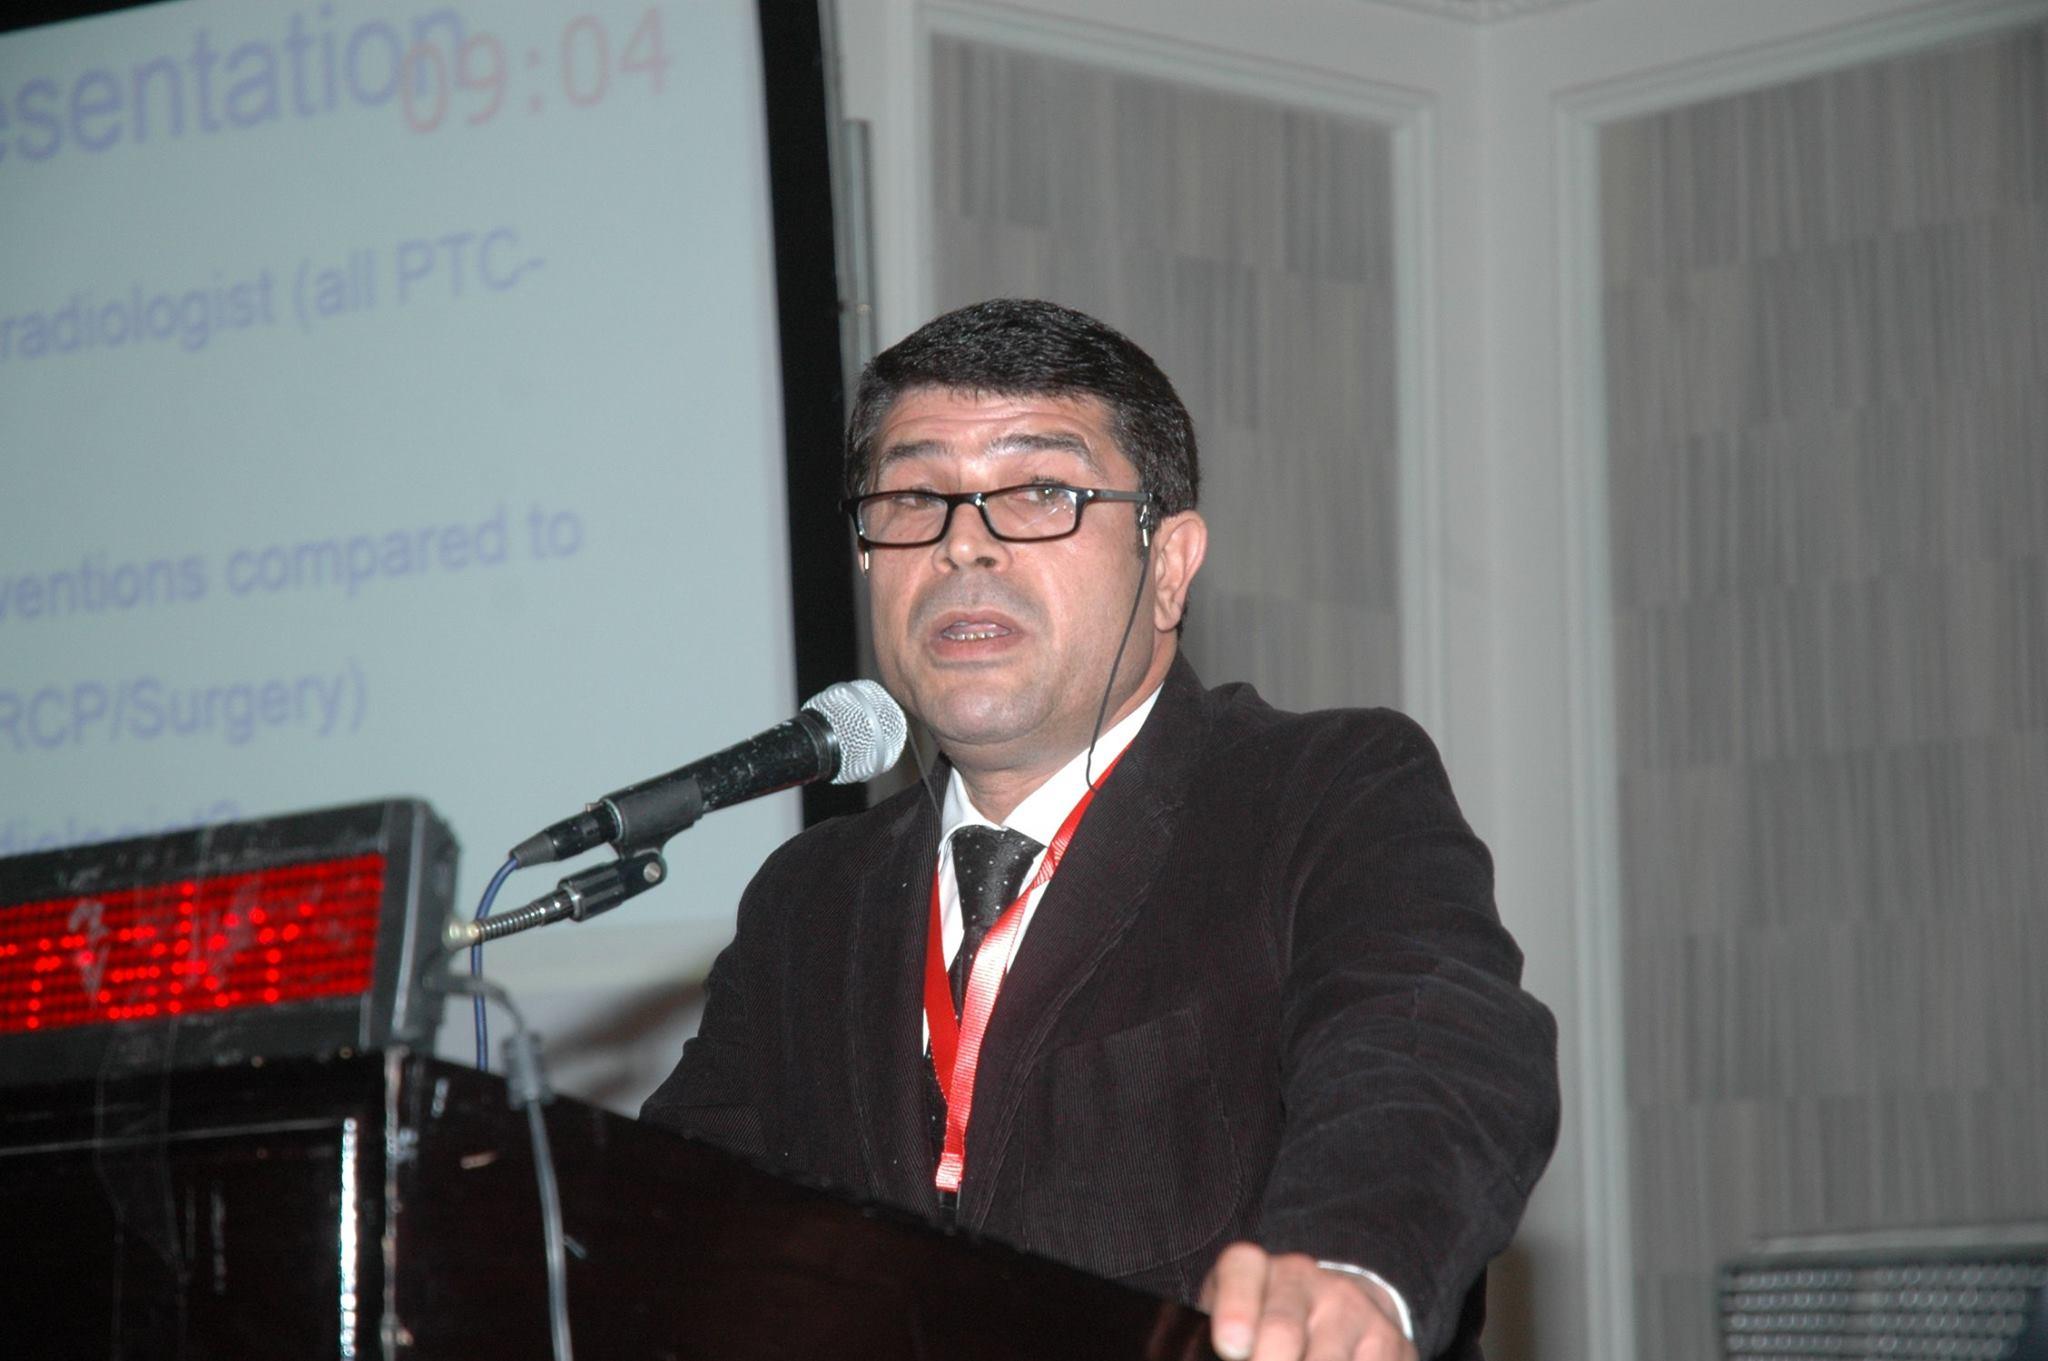 الدكتور محمد الوراقي أستاذ الأشعة التداخلية بمعهد الكبد القومي